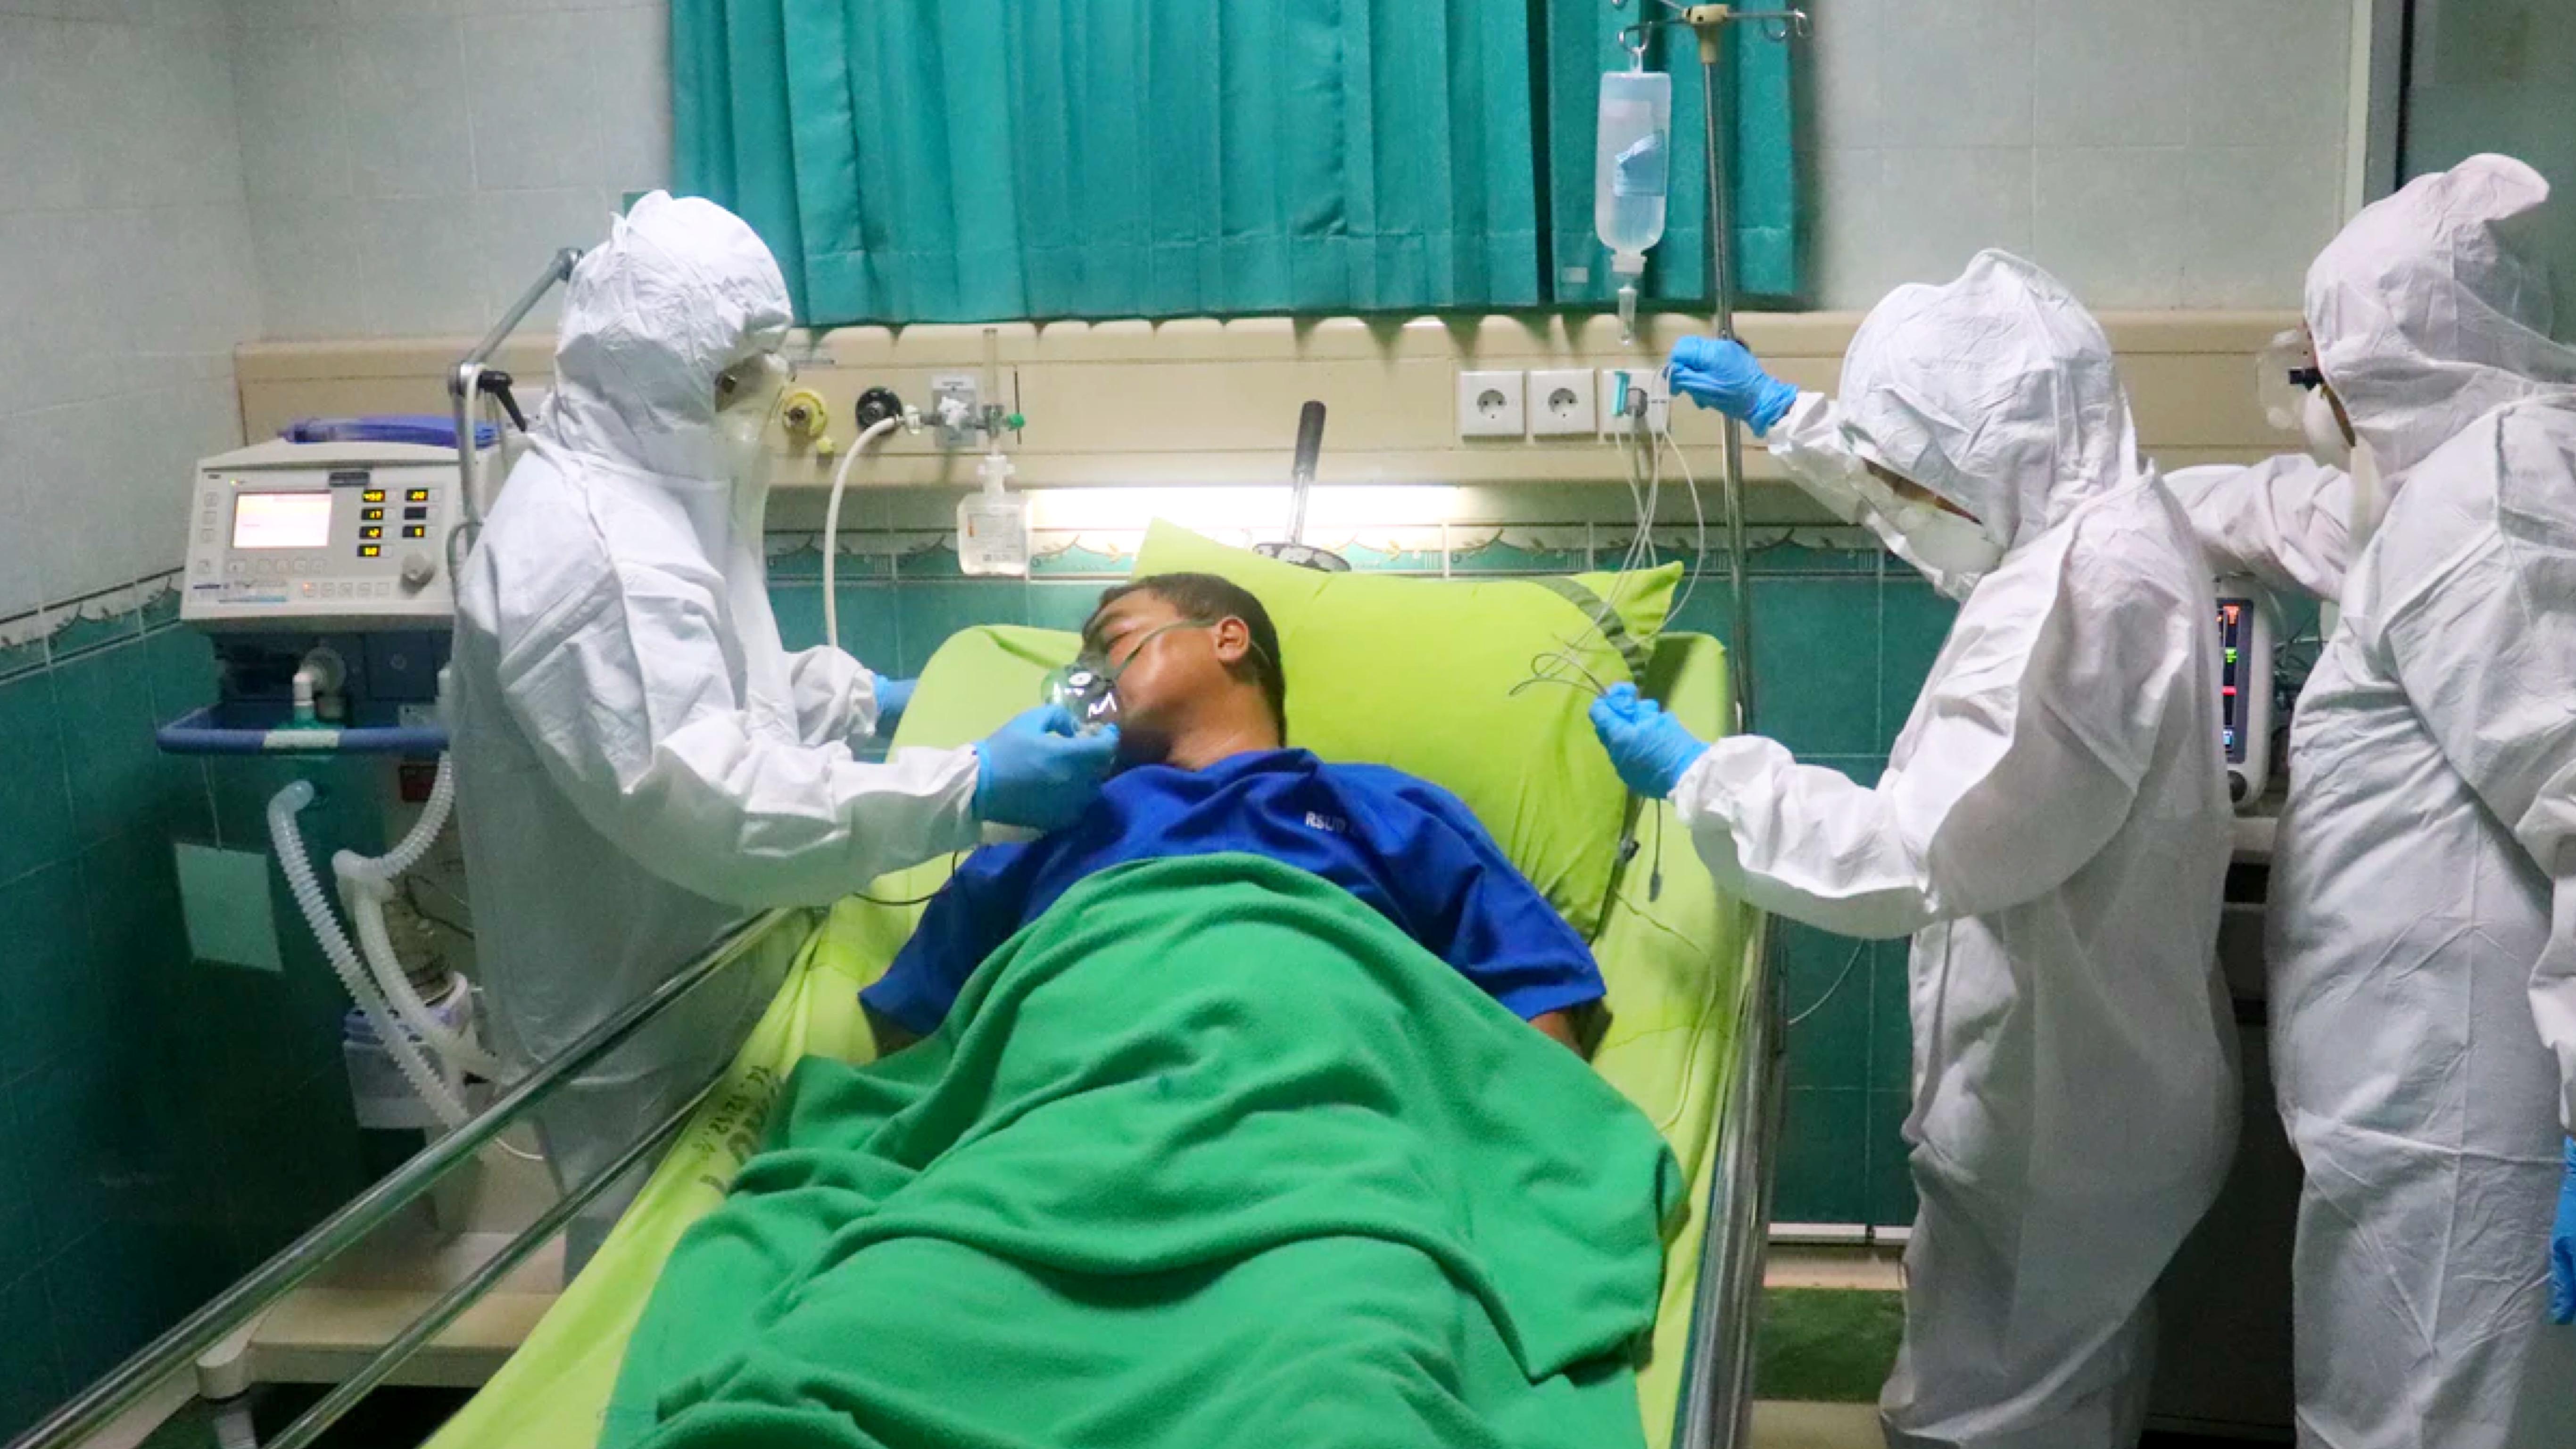 Mueren 30 en 24 horas por COVID-19 en Juárez